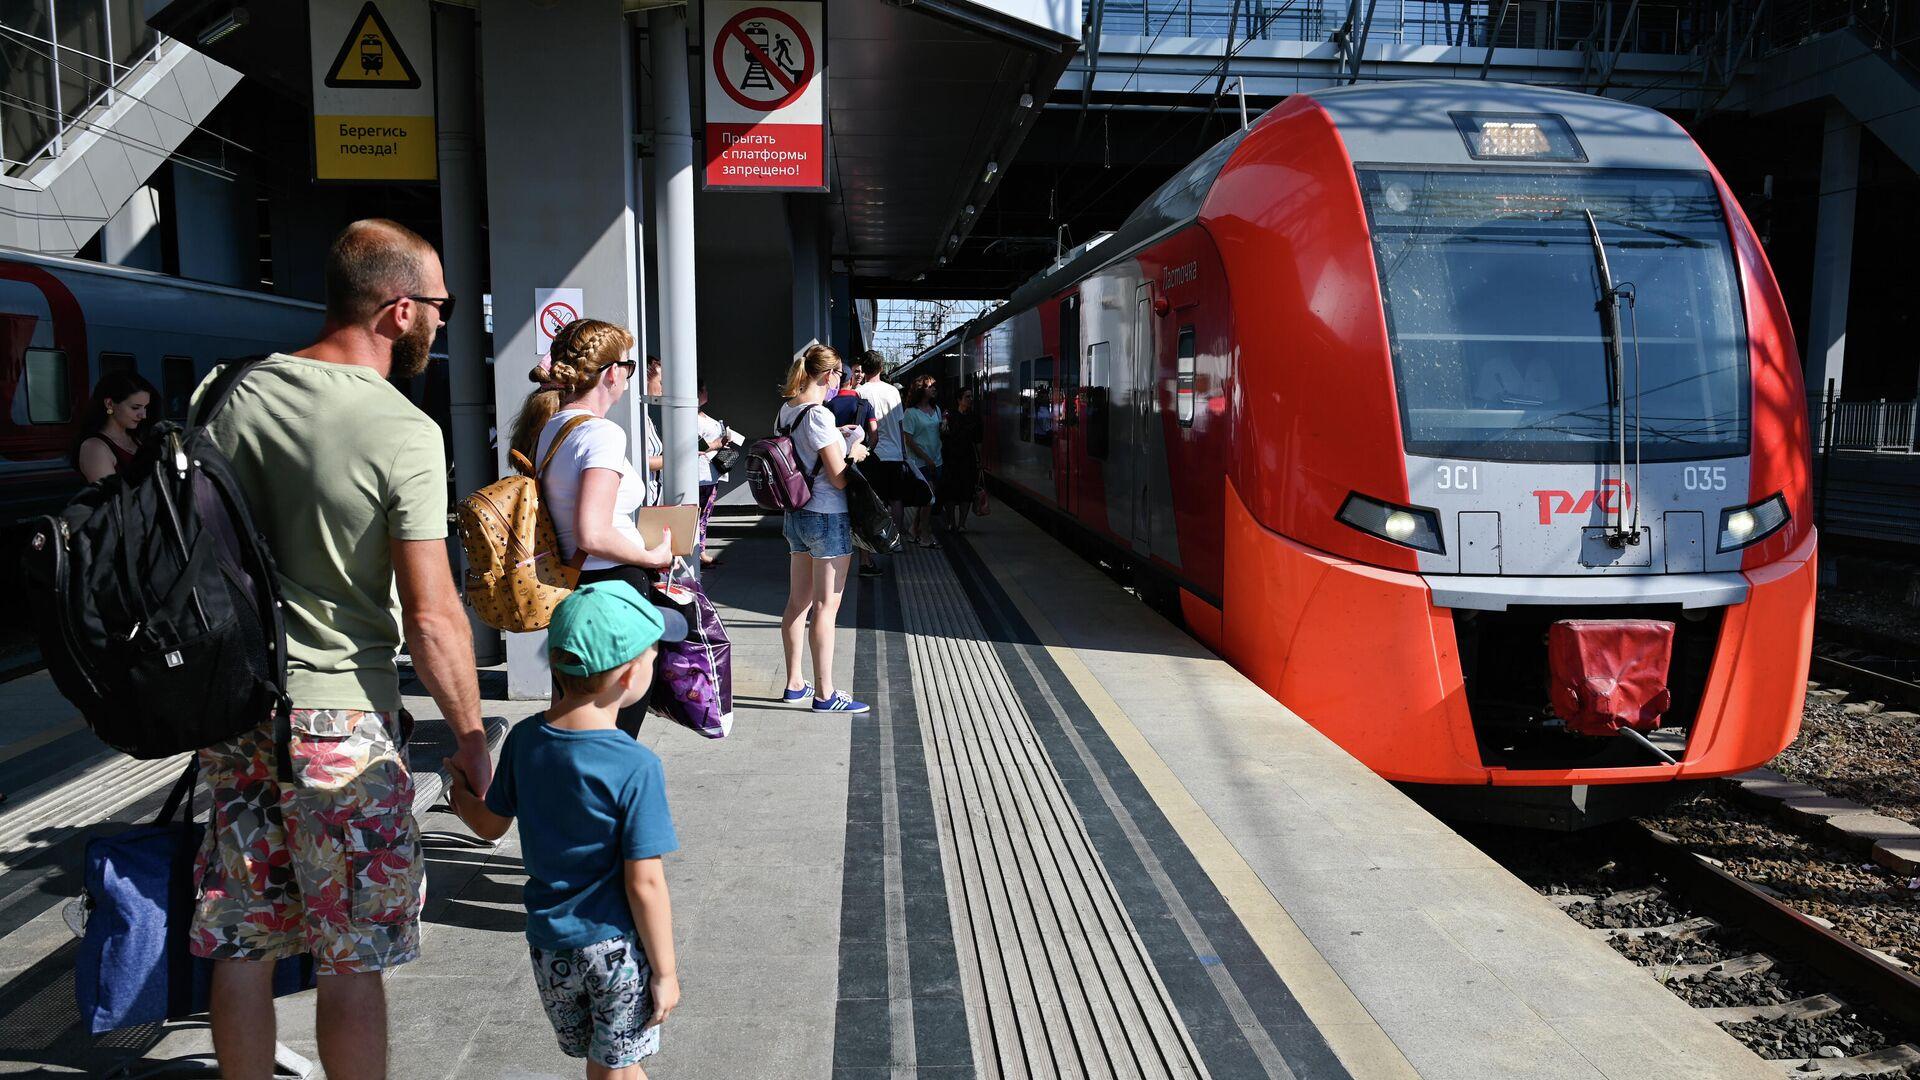 Пассажиры на железнодорожном вокзале Адлера - РИА Новости, 1920, 23.07.2021